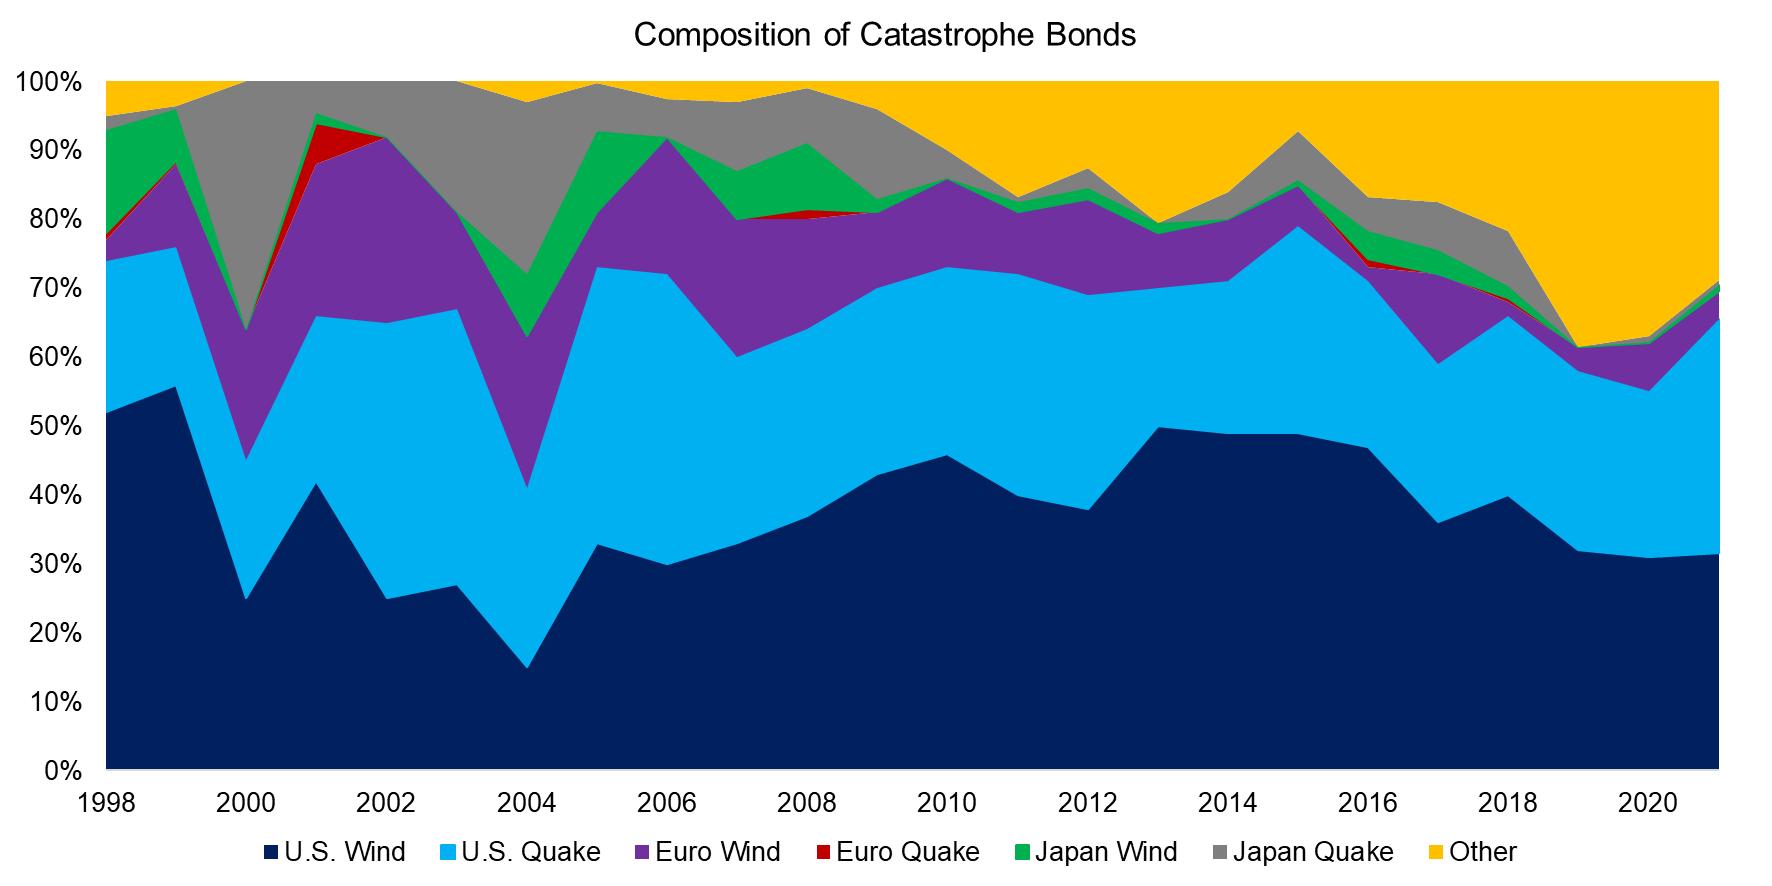 Composition of Catastrophe Bonds